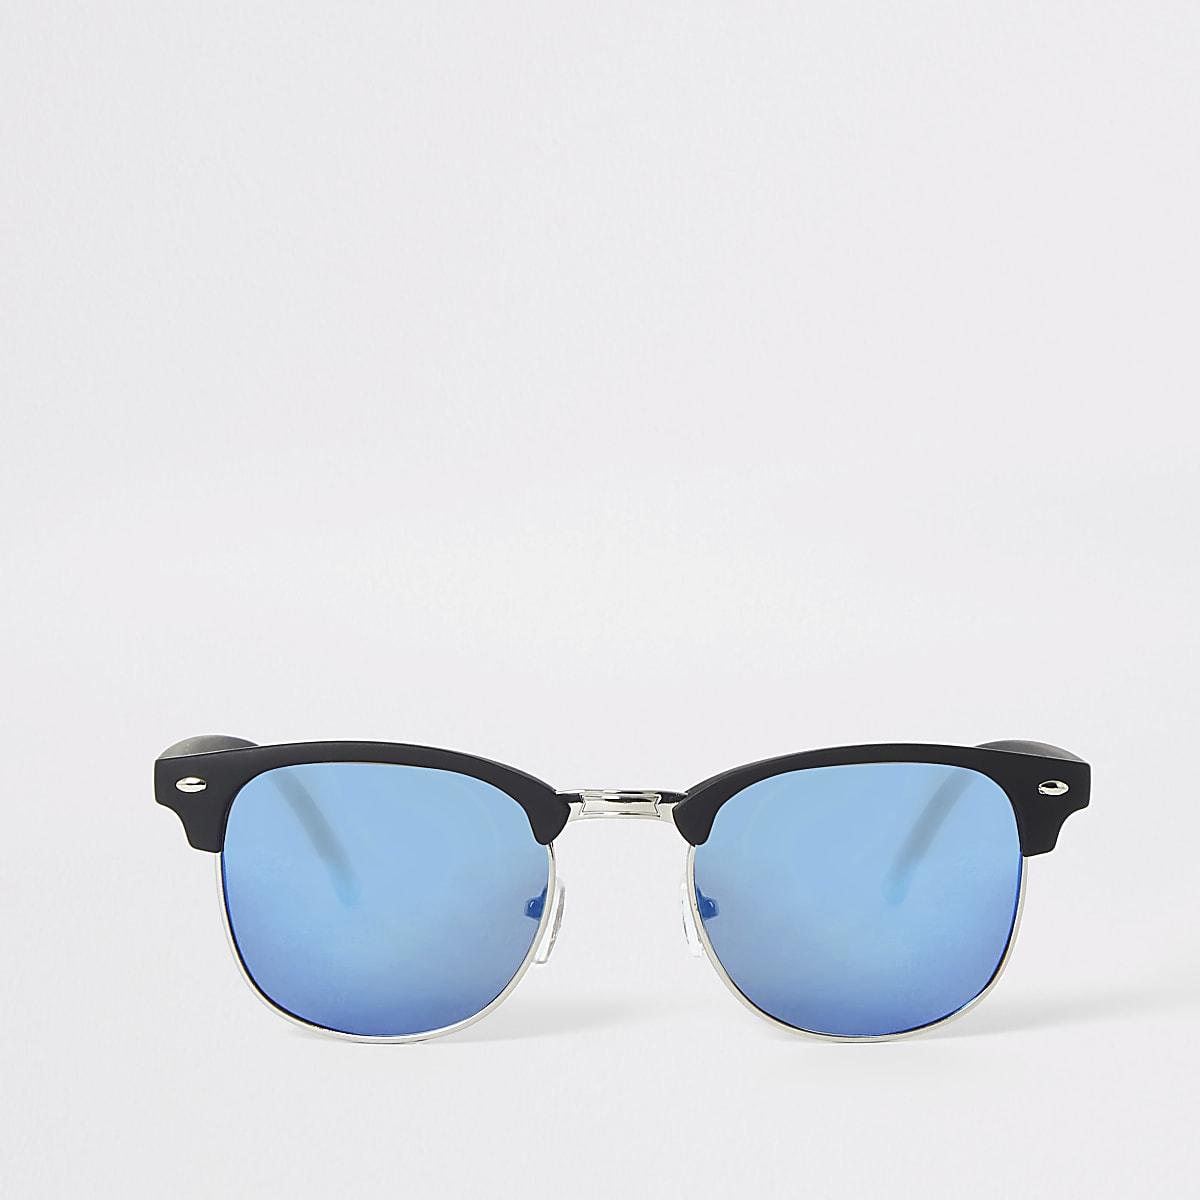 Black retro frame blue lens sunglasses